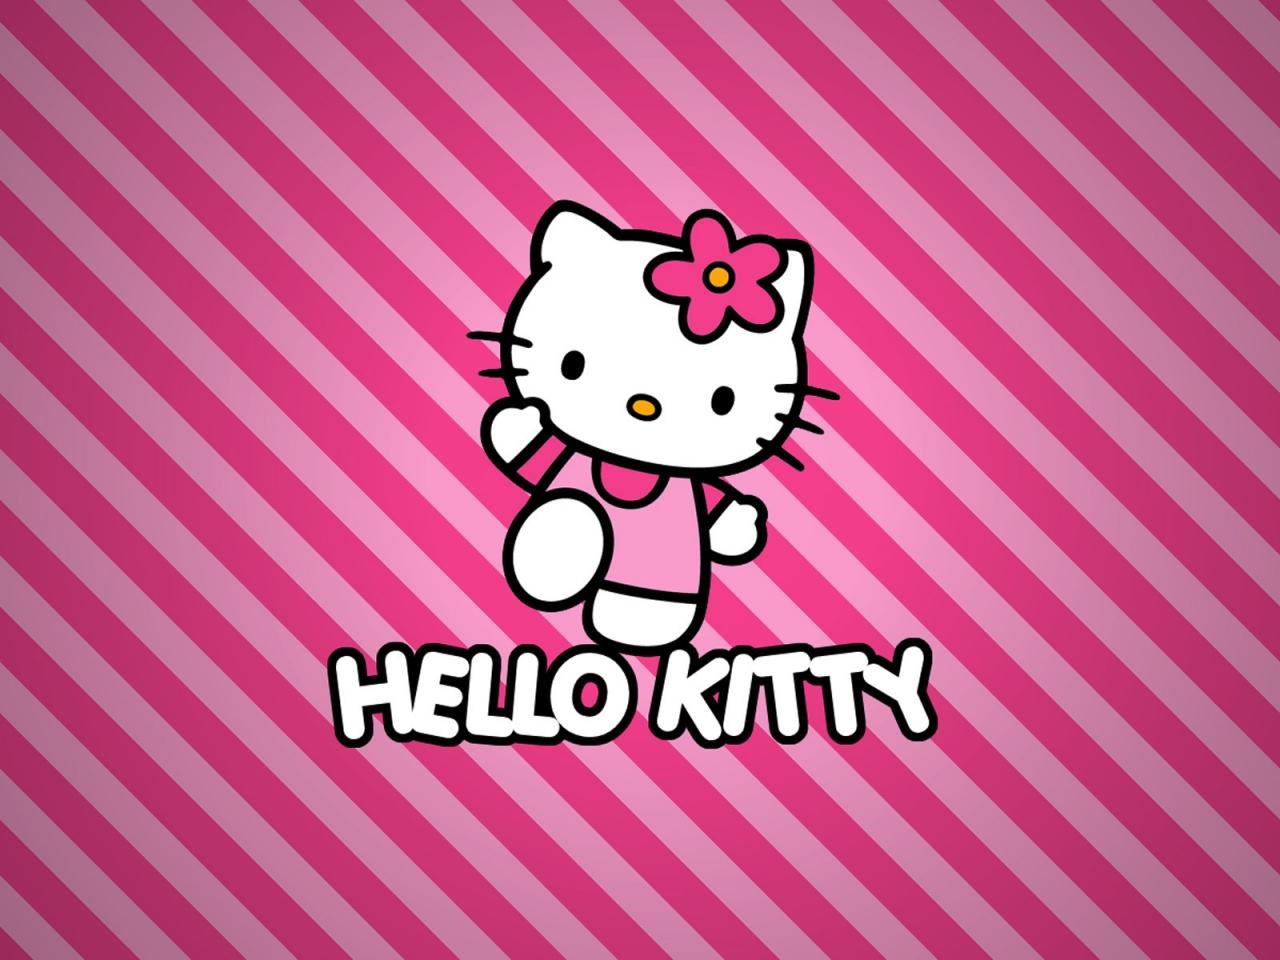 Hello Kitty - 1280x960